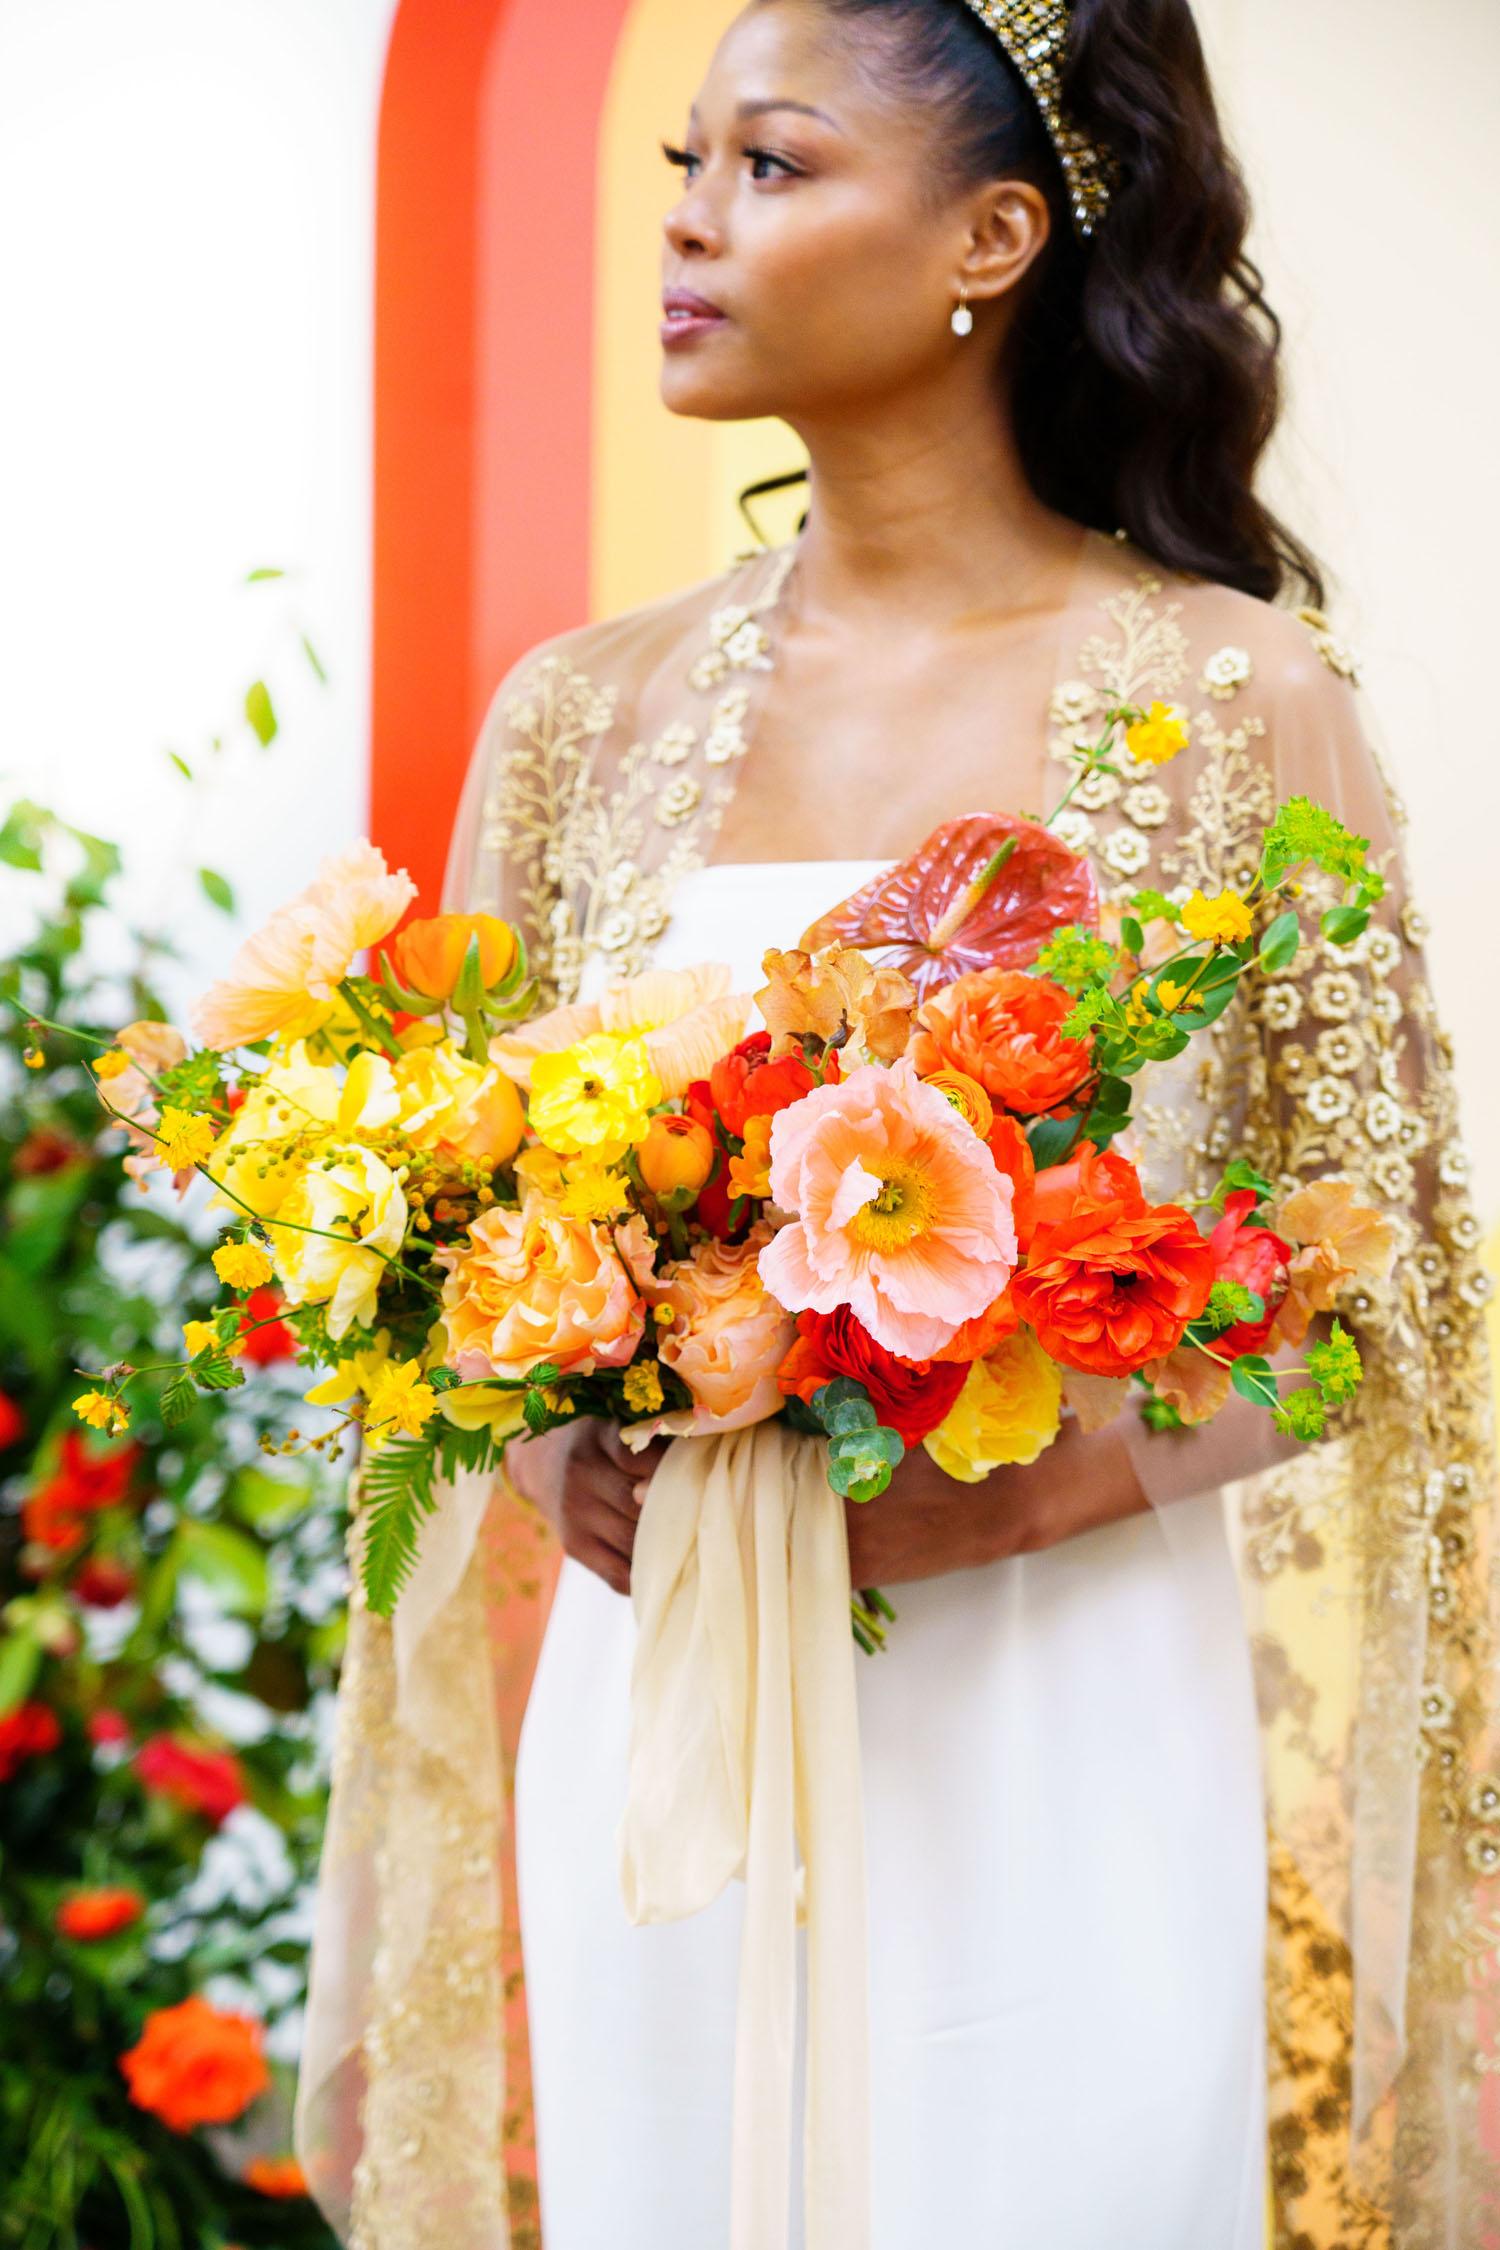 Colorful Retro Bouquet